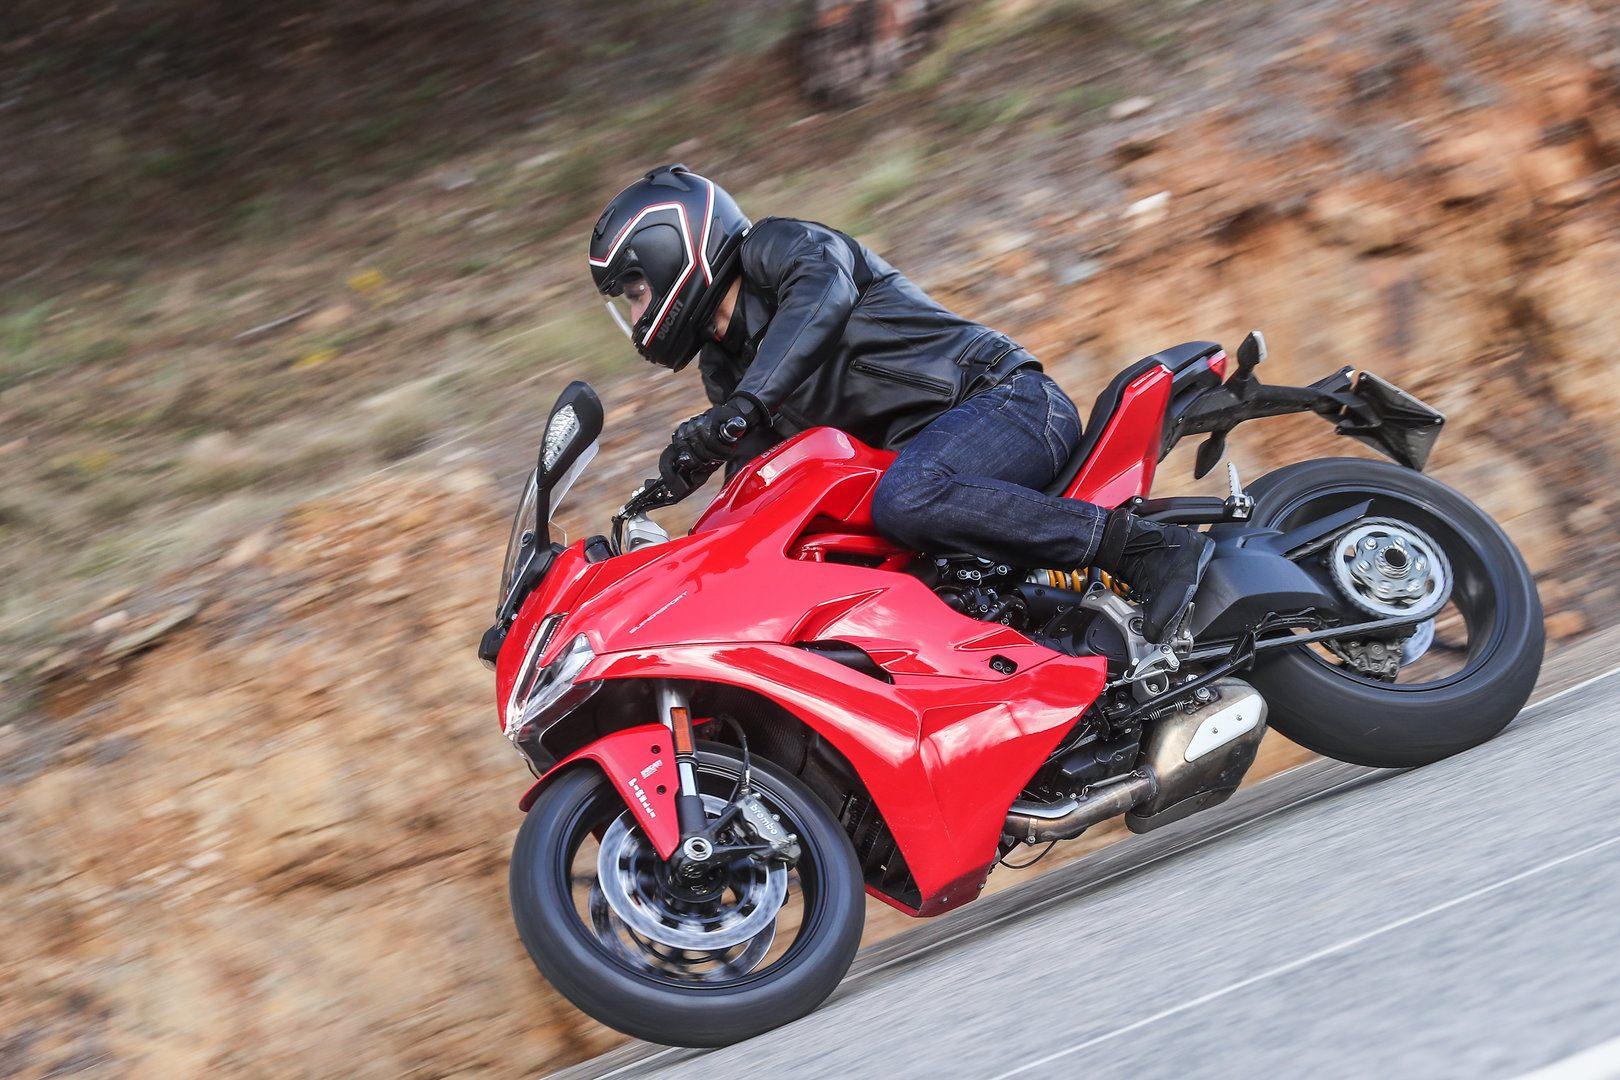 Moto del día: Ducati Supersport